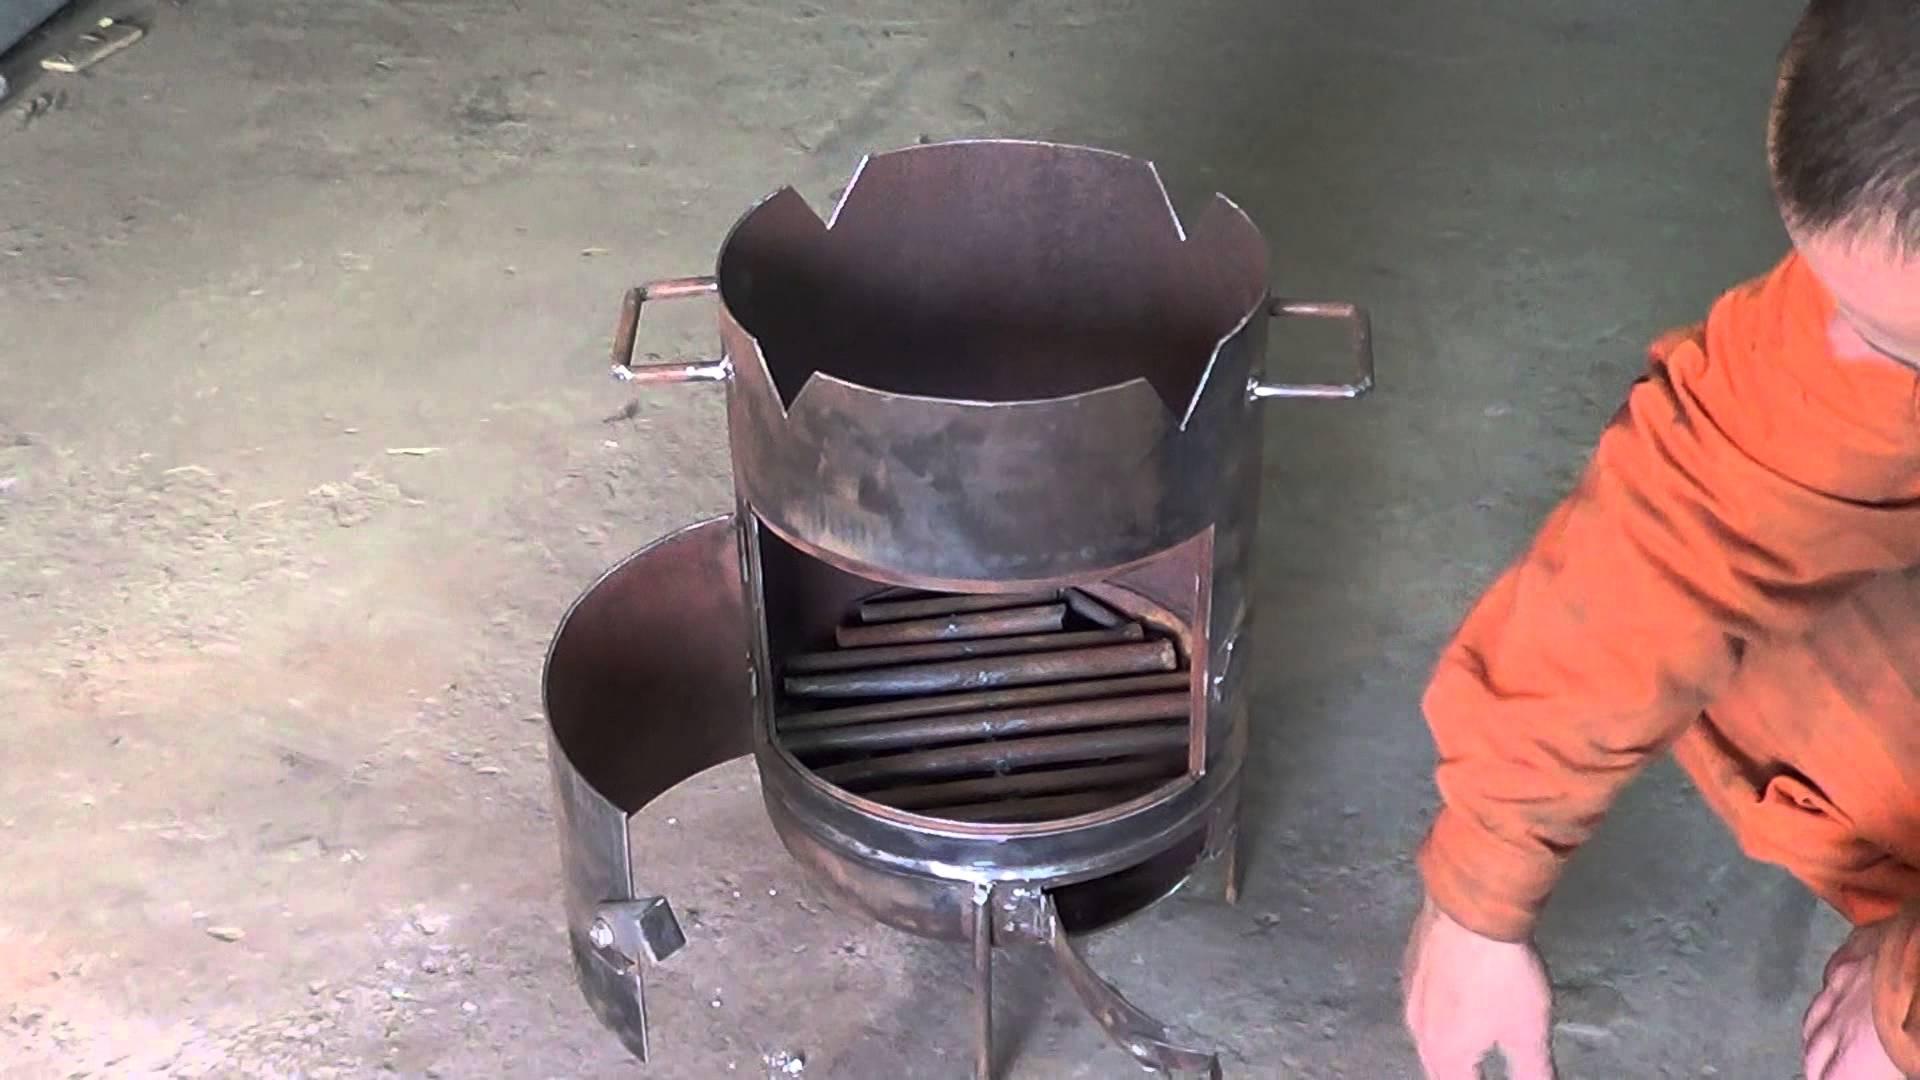 тому же, печка из газового баллона Нортекс-Дезинфектор для древесины